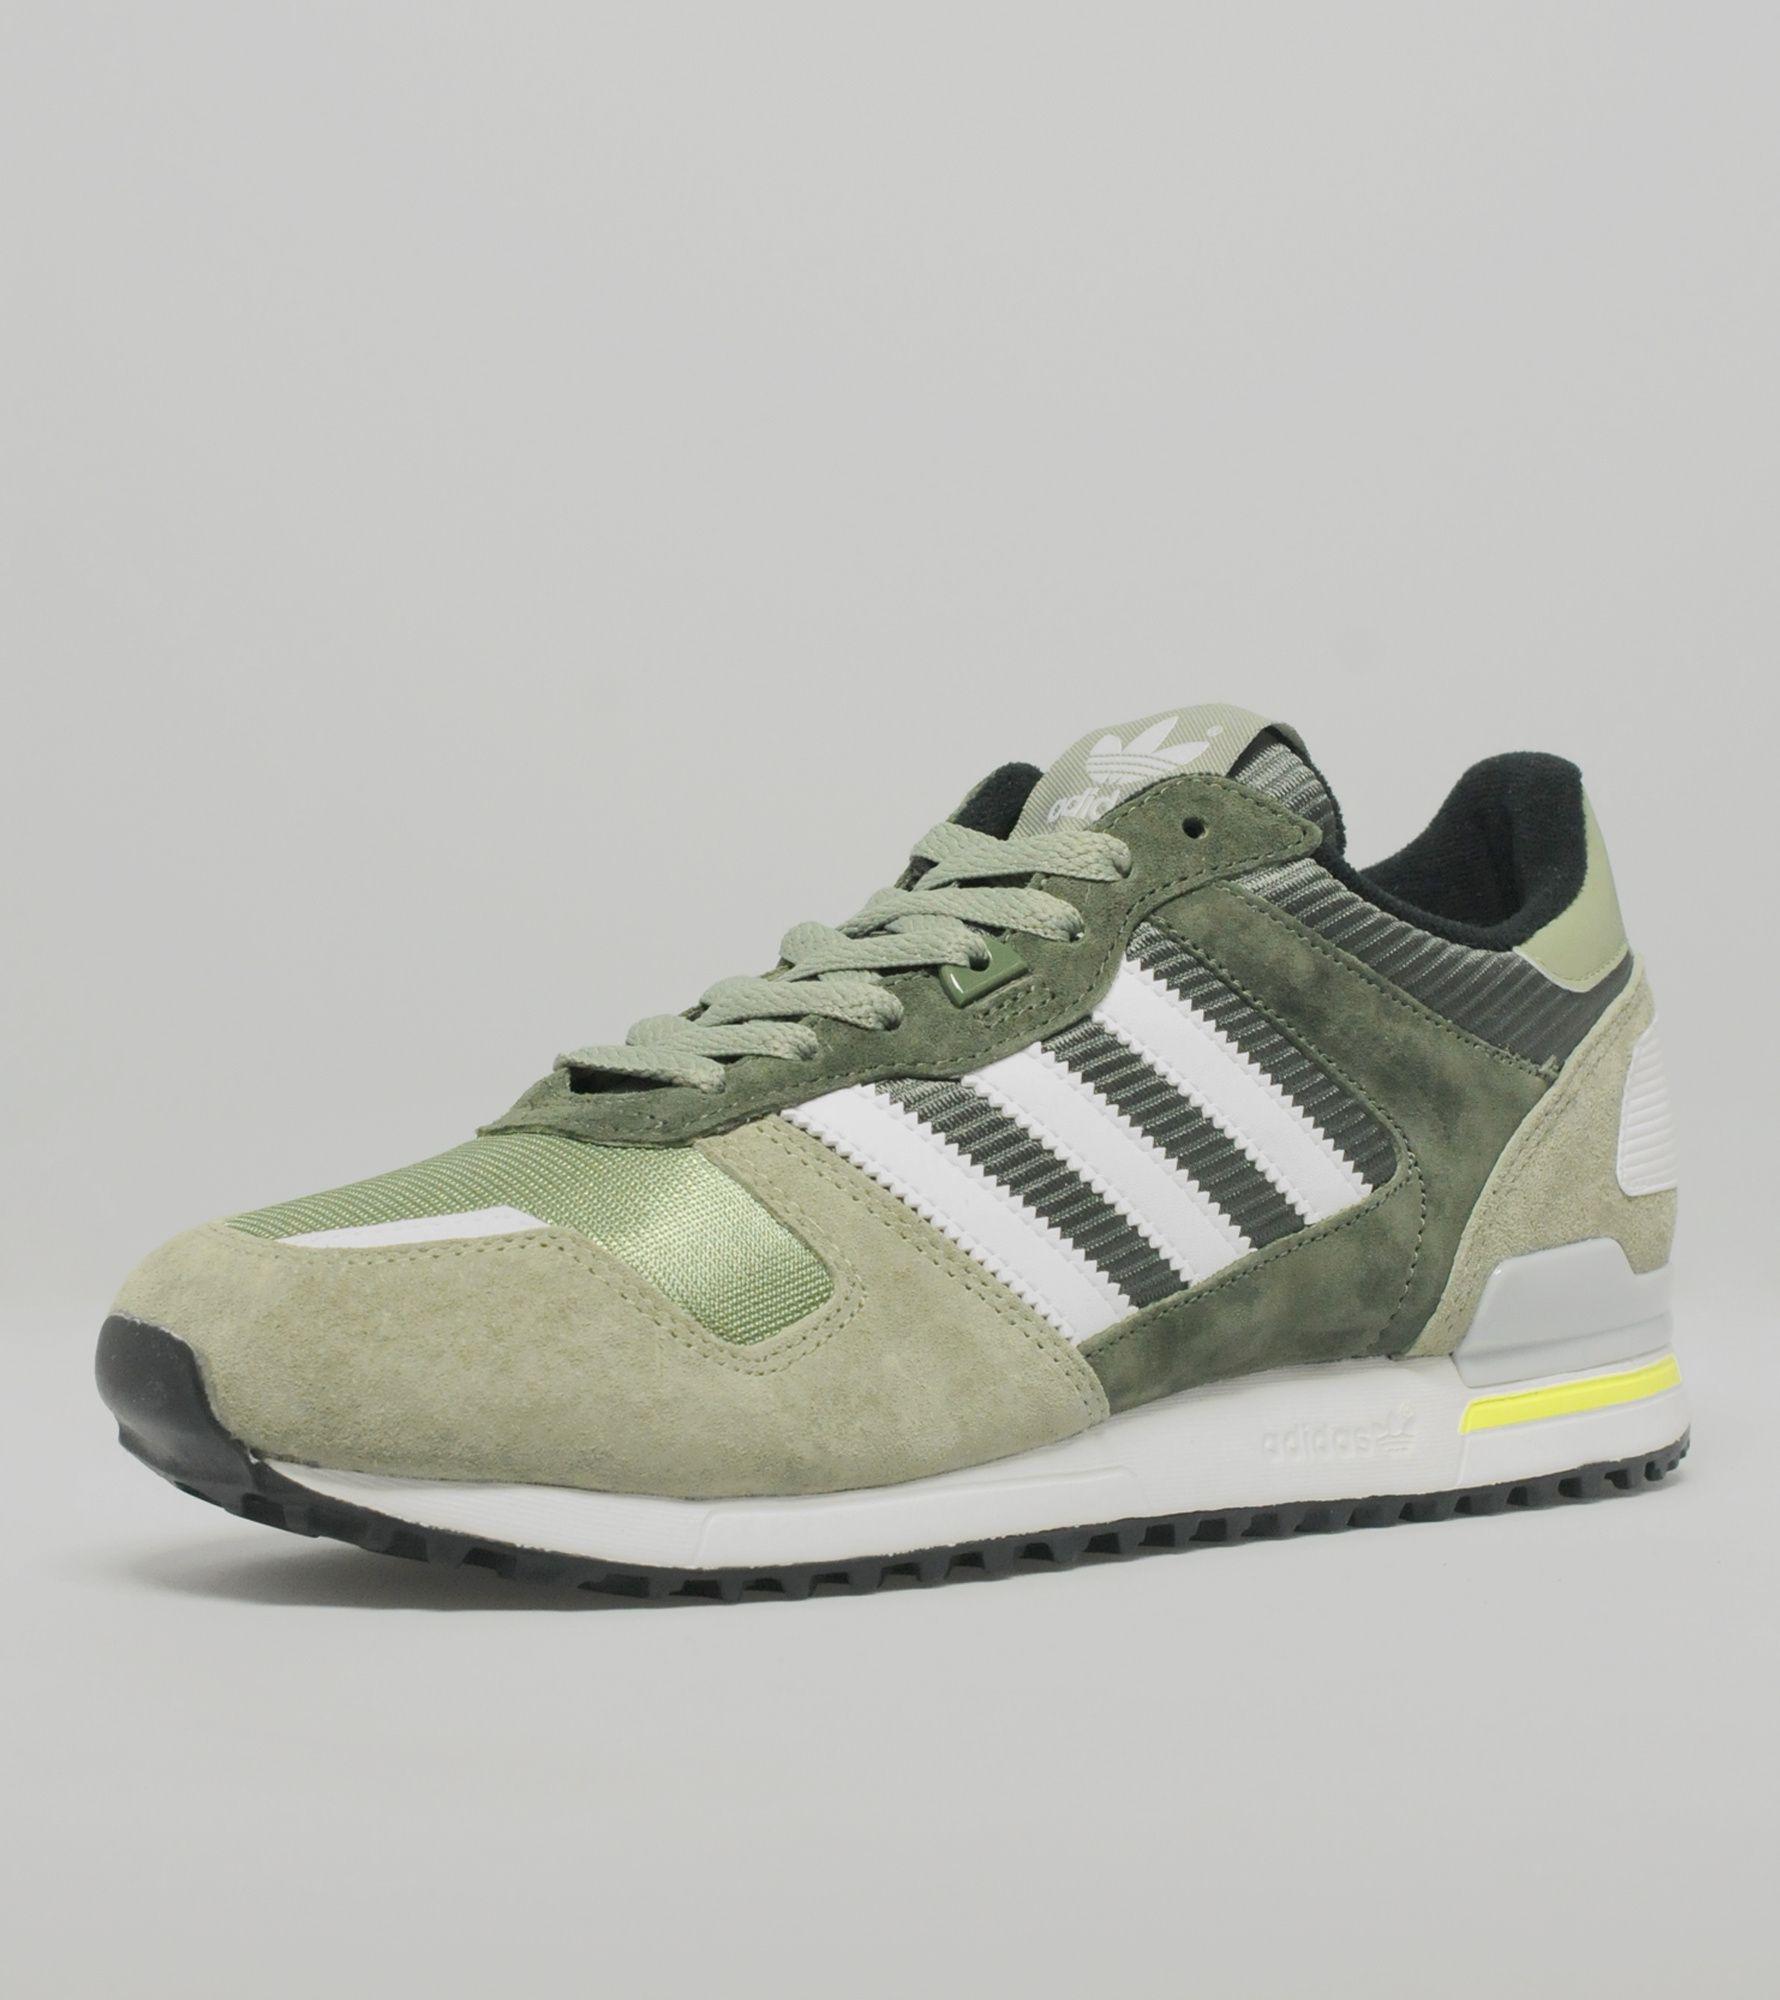 a9d644f53611 ... sneakers 58ade 55882  shopping adidas originals zx 700 d4003 fe14f